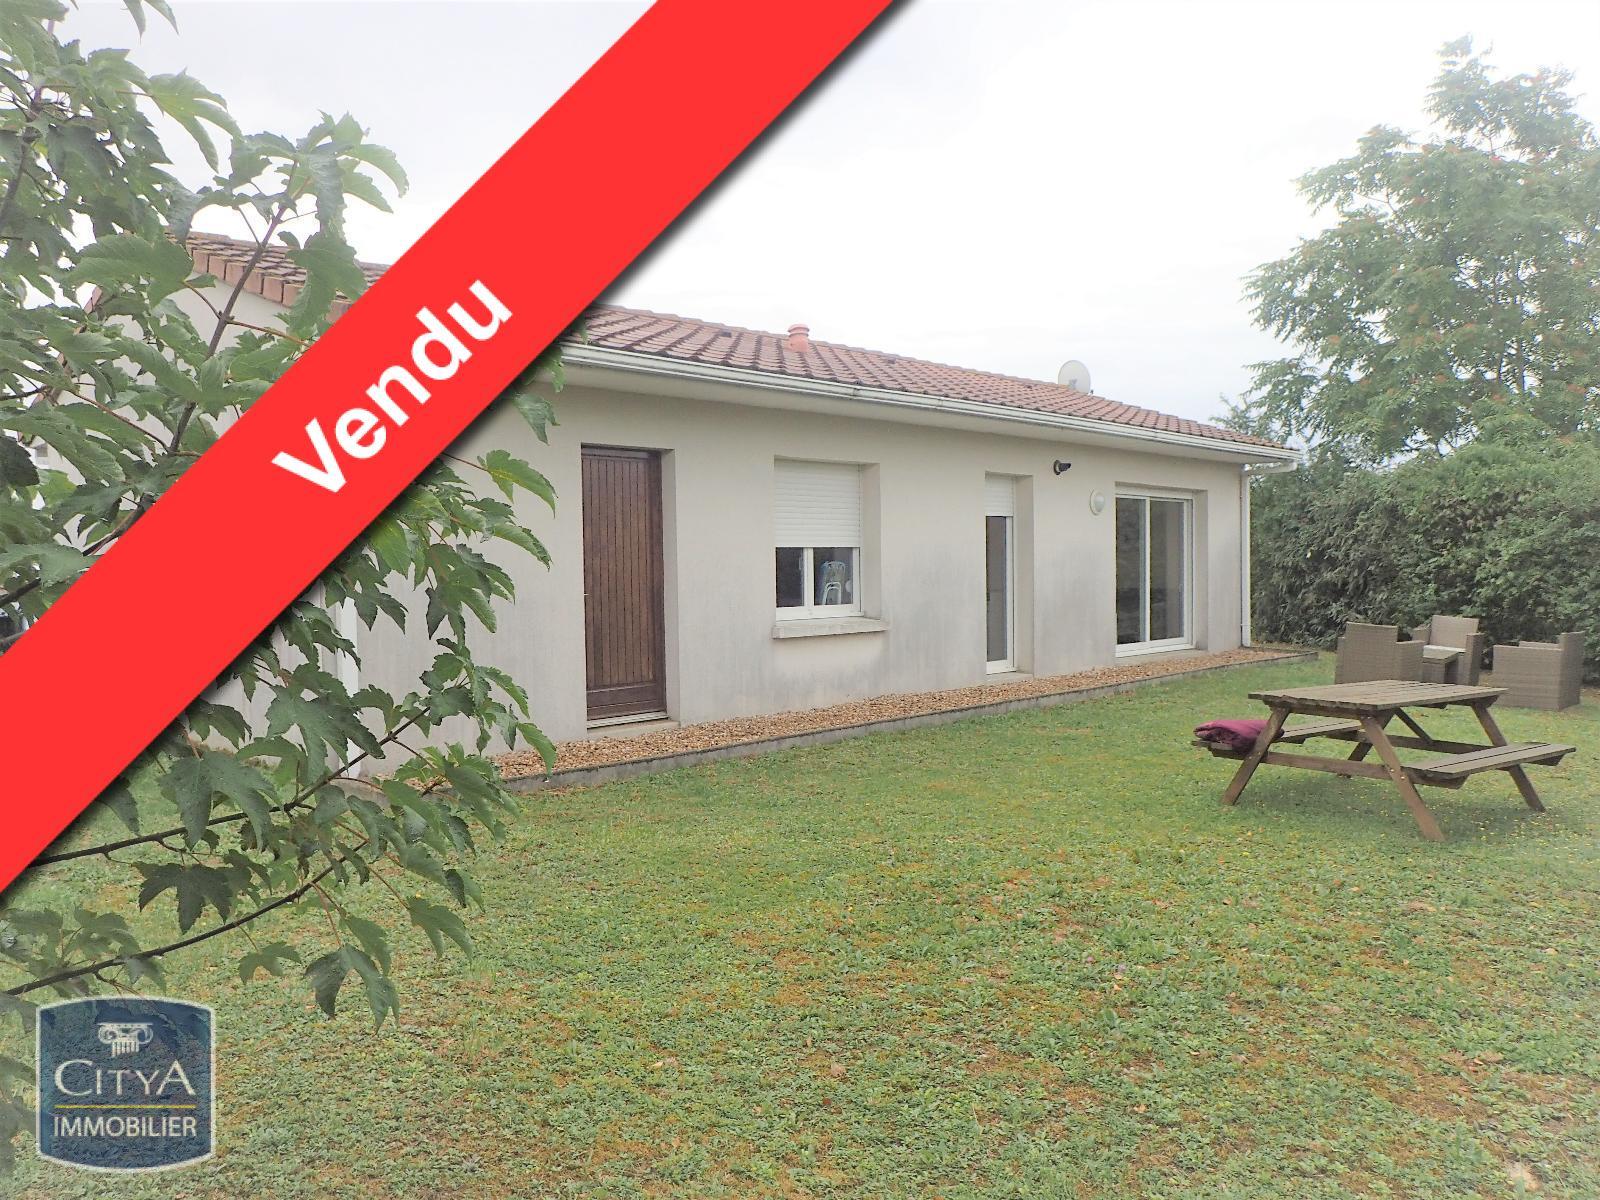 Maison/villa 3 pièces 66 m²